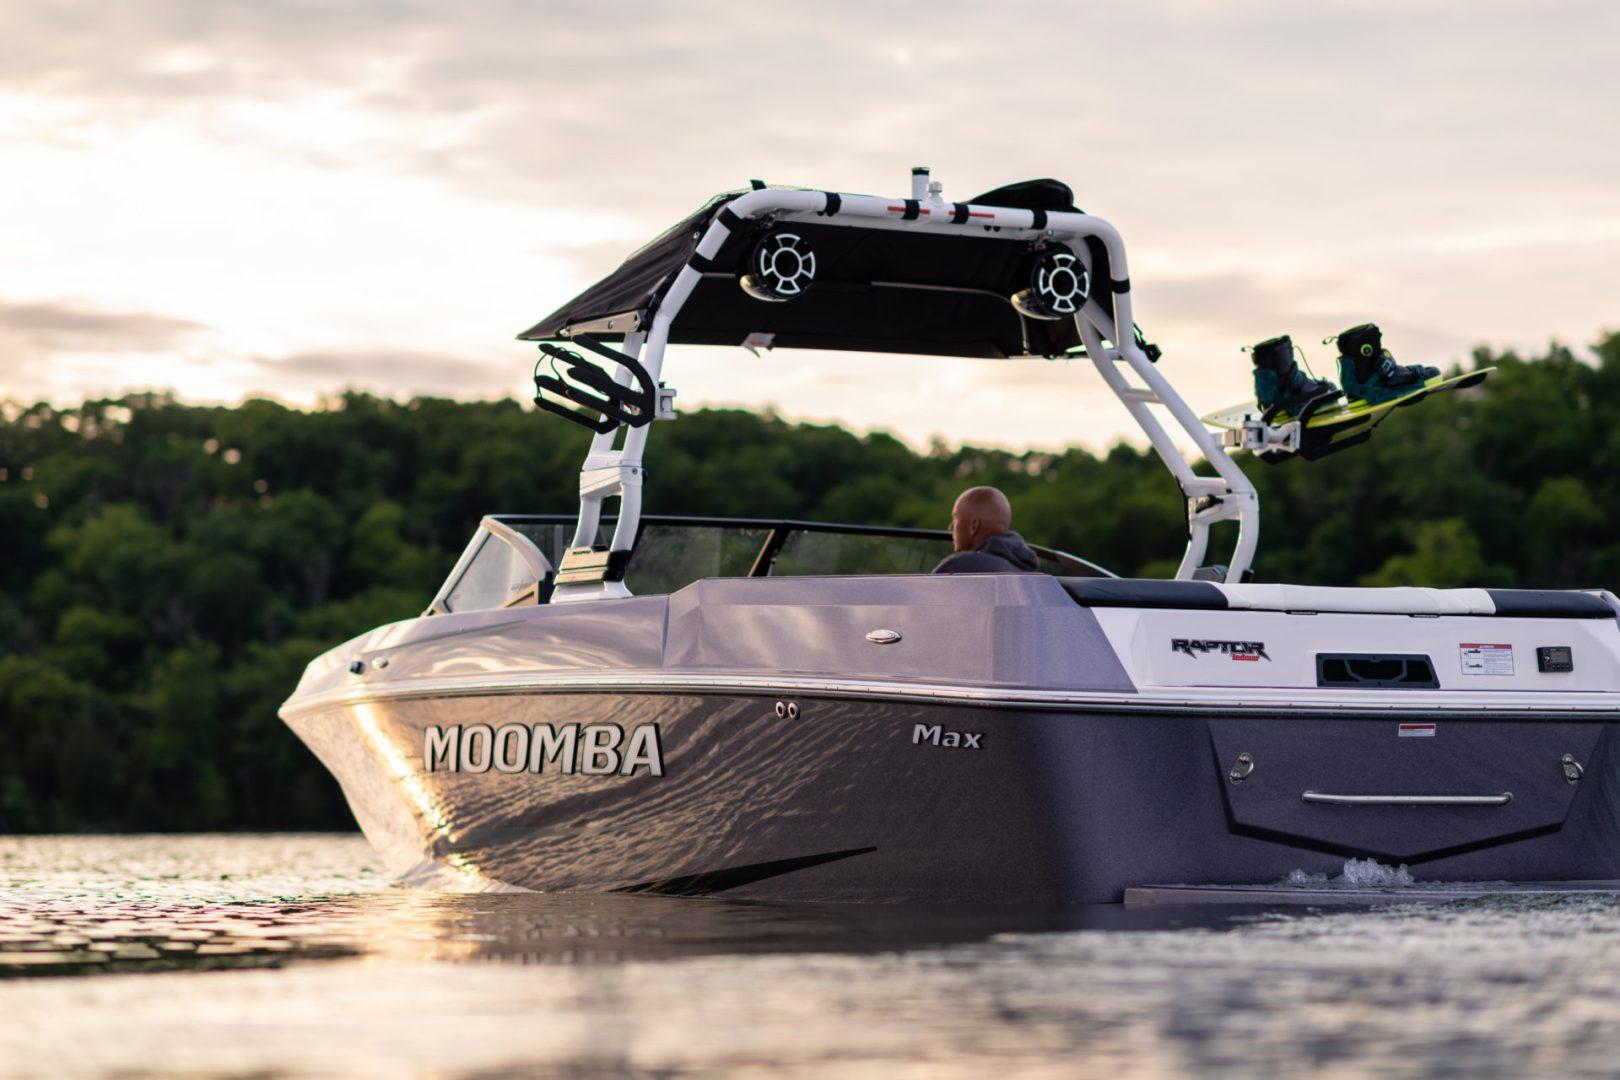 Moomba Max Wakeboat